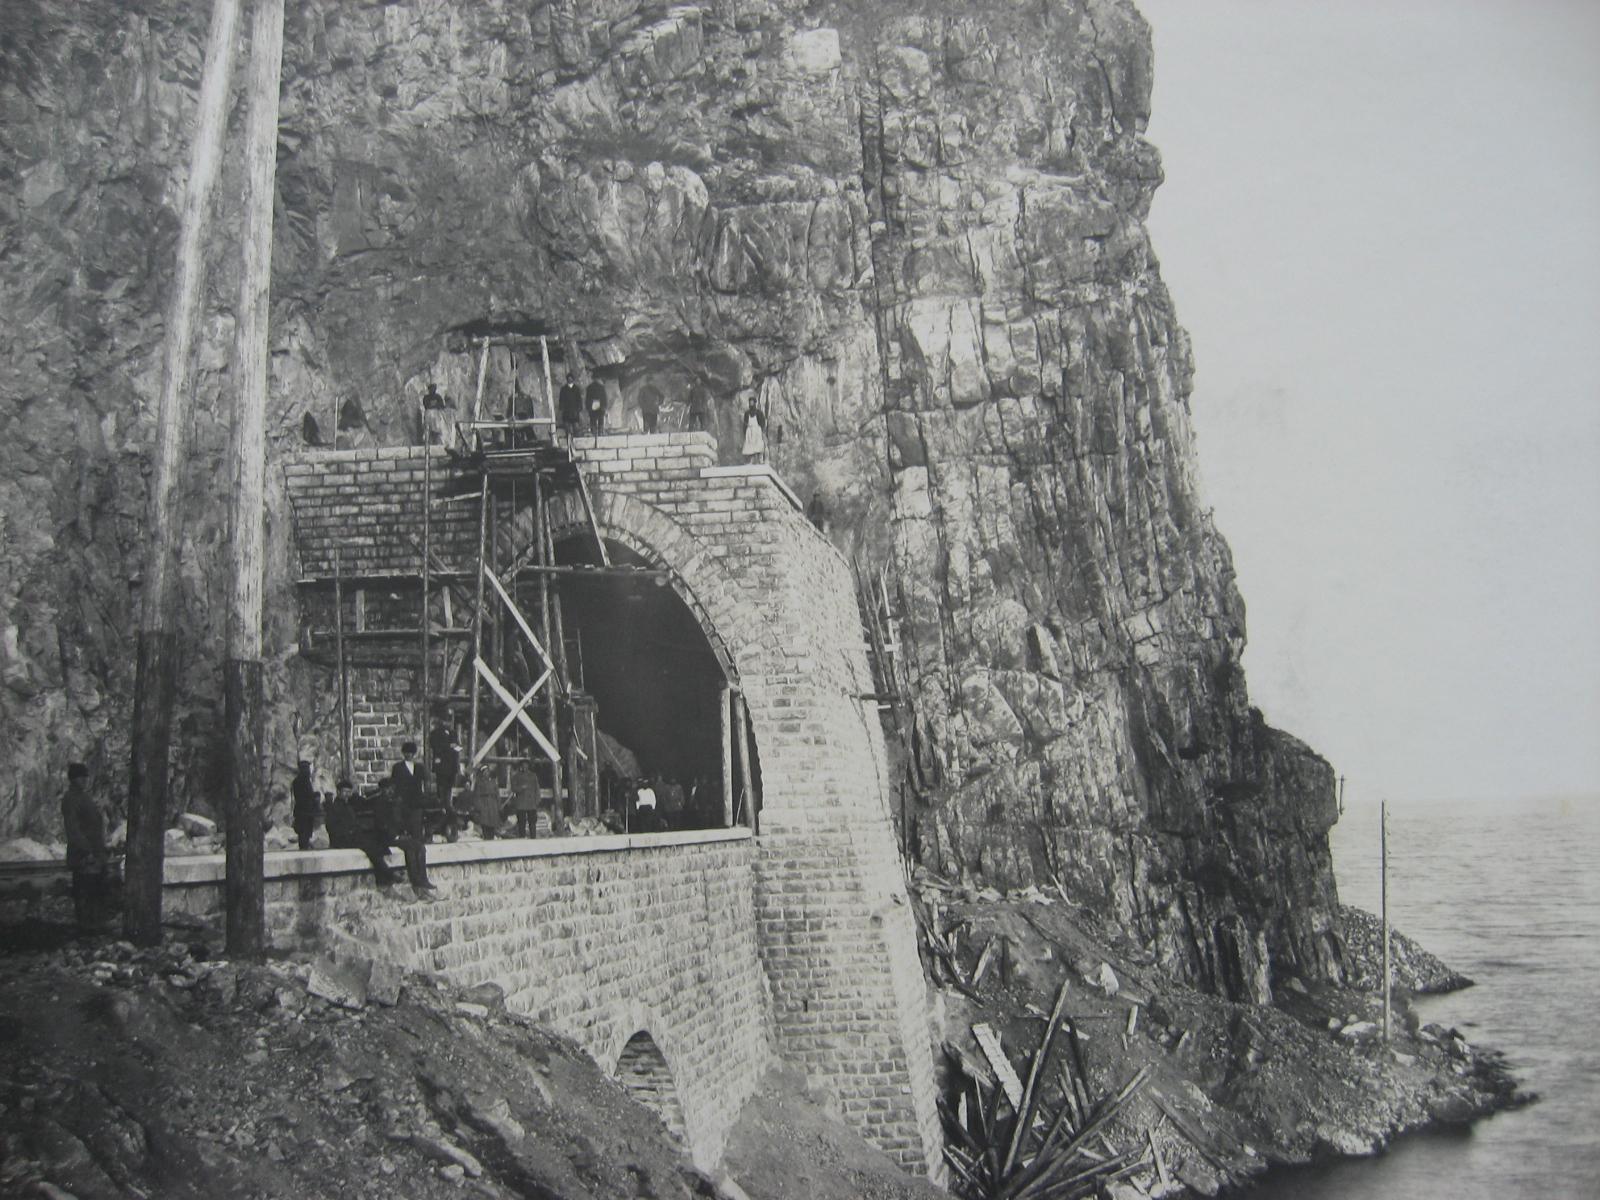 65. Сооружение тоннеля на западном участке Байкал-Слюдянка. Фото 1903 года.